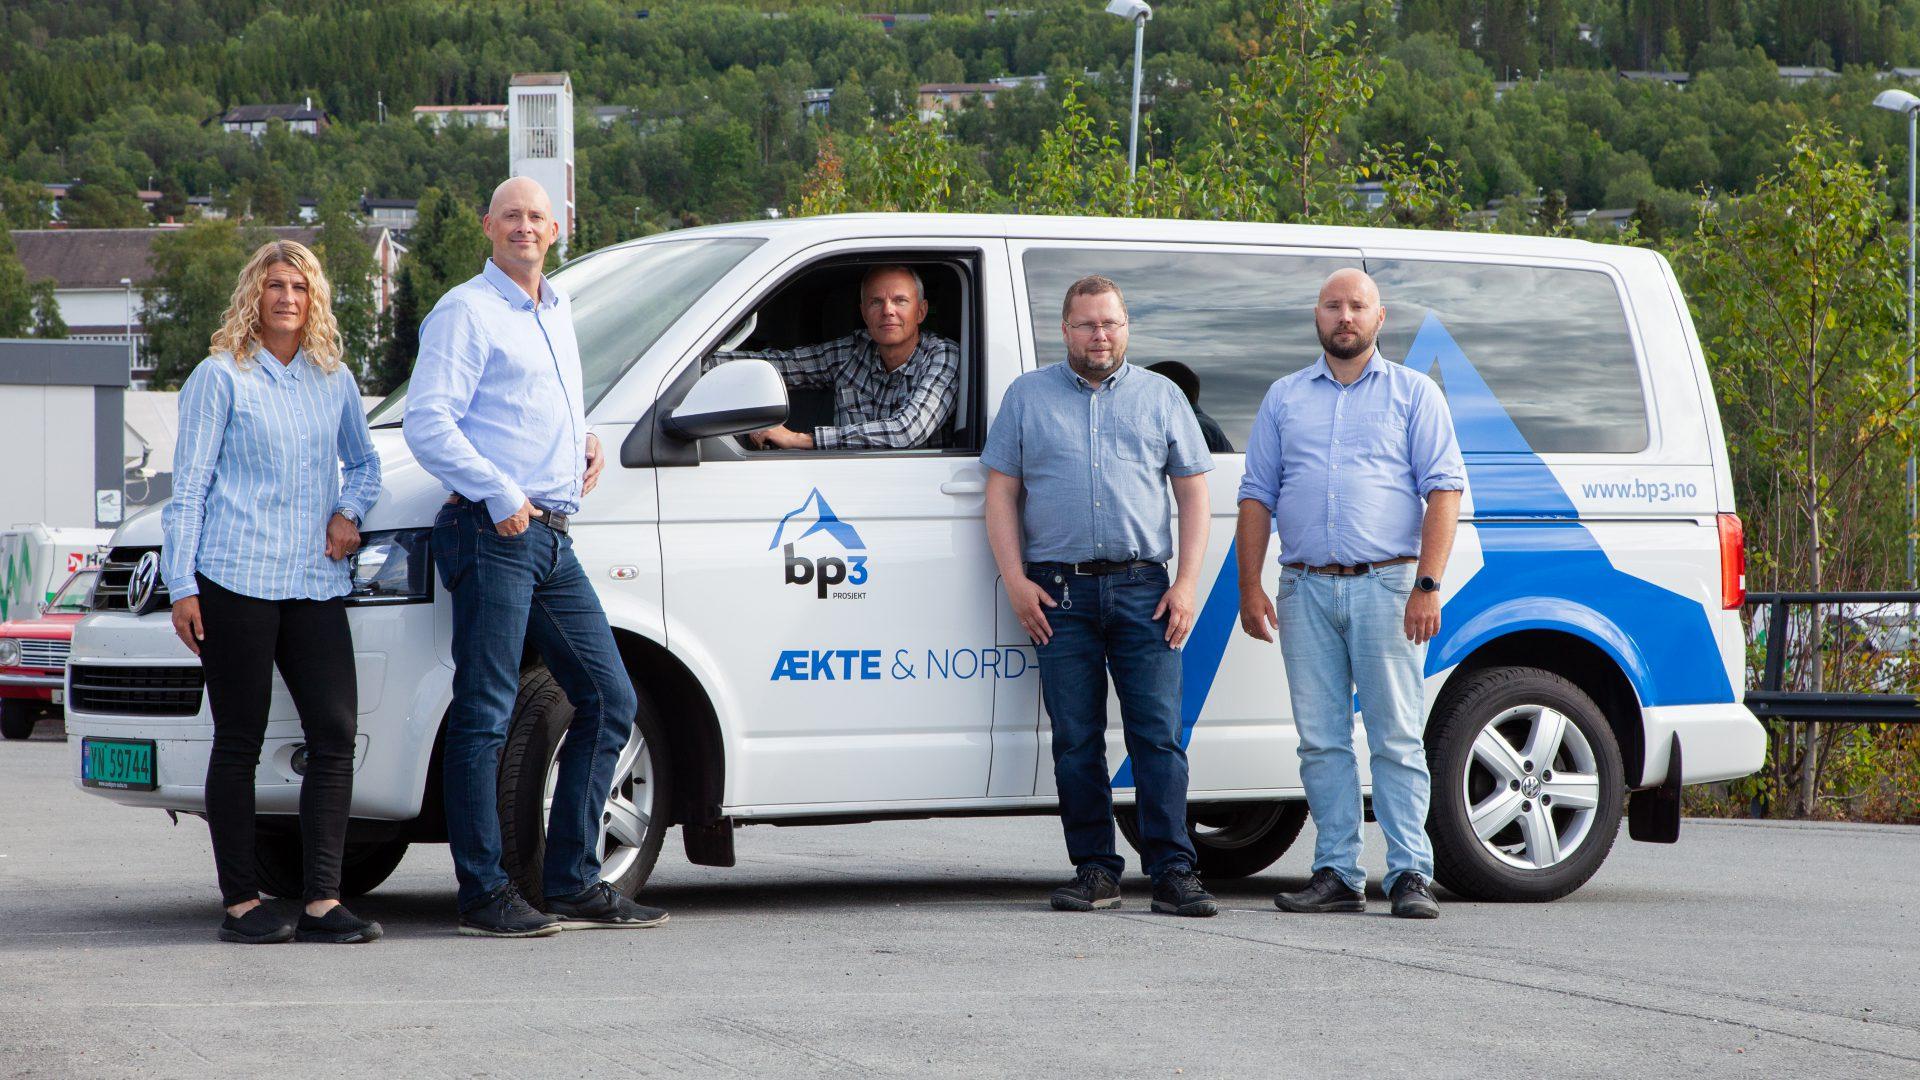 bp3 ansatte foran firmabil